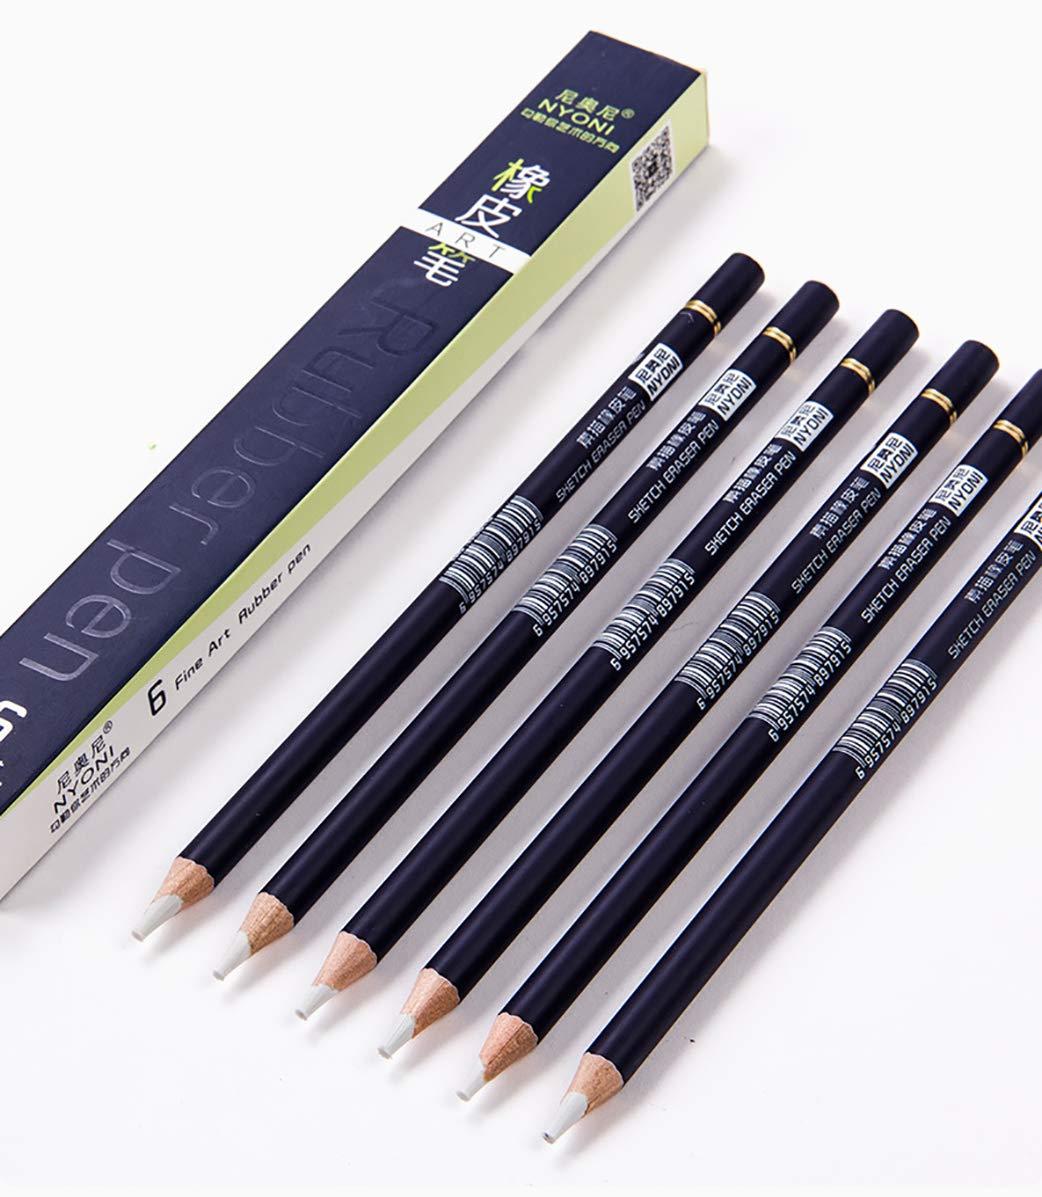 Sketch Eraser Pen-Style Erasers Pen Shape Eraser Highlight Erasers Erasers pen Rubber Pen 6 Pack